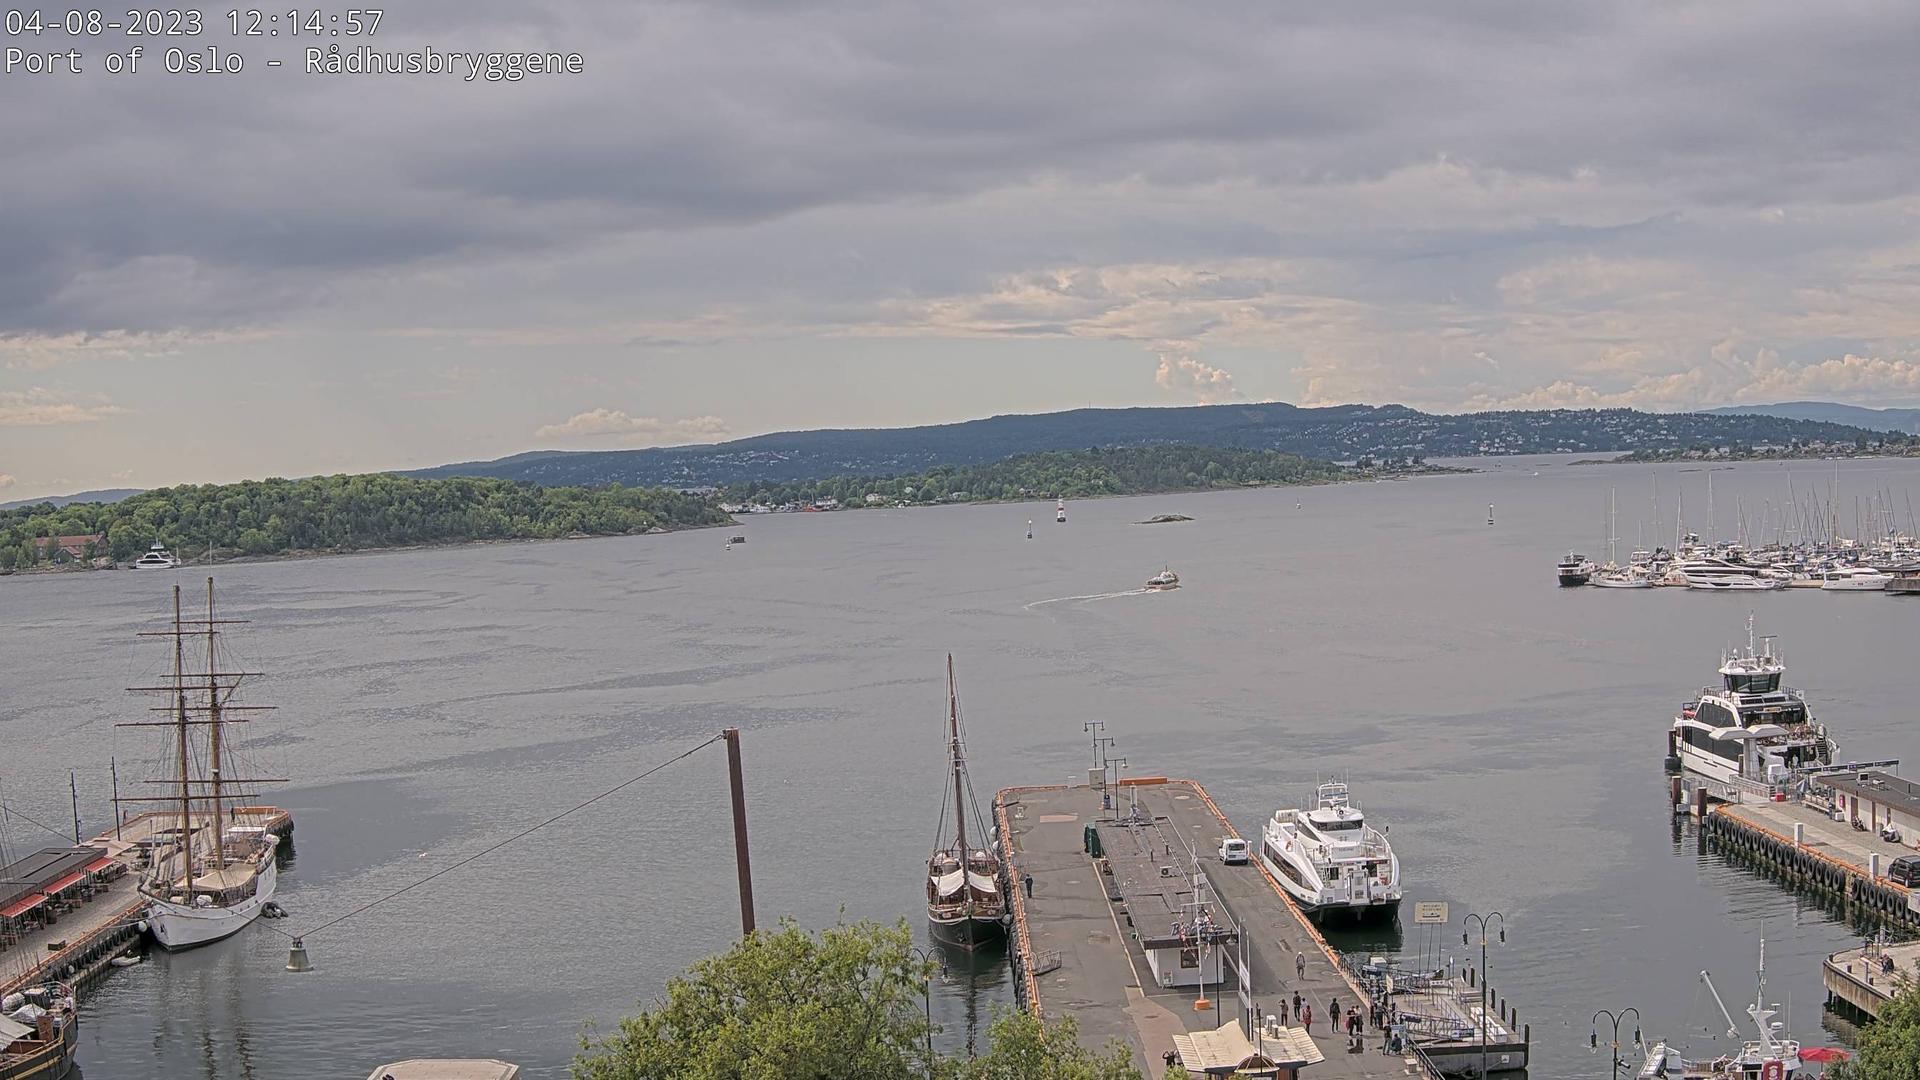 Webcam Oslo: Havn − Raadhuskaia